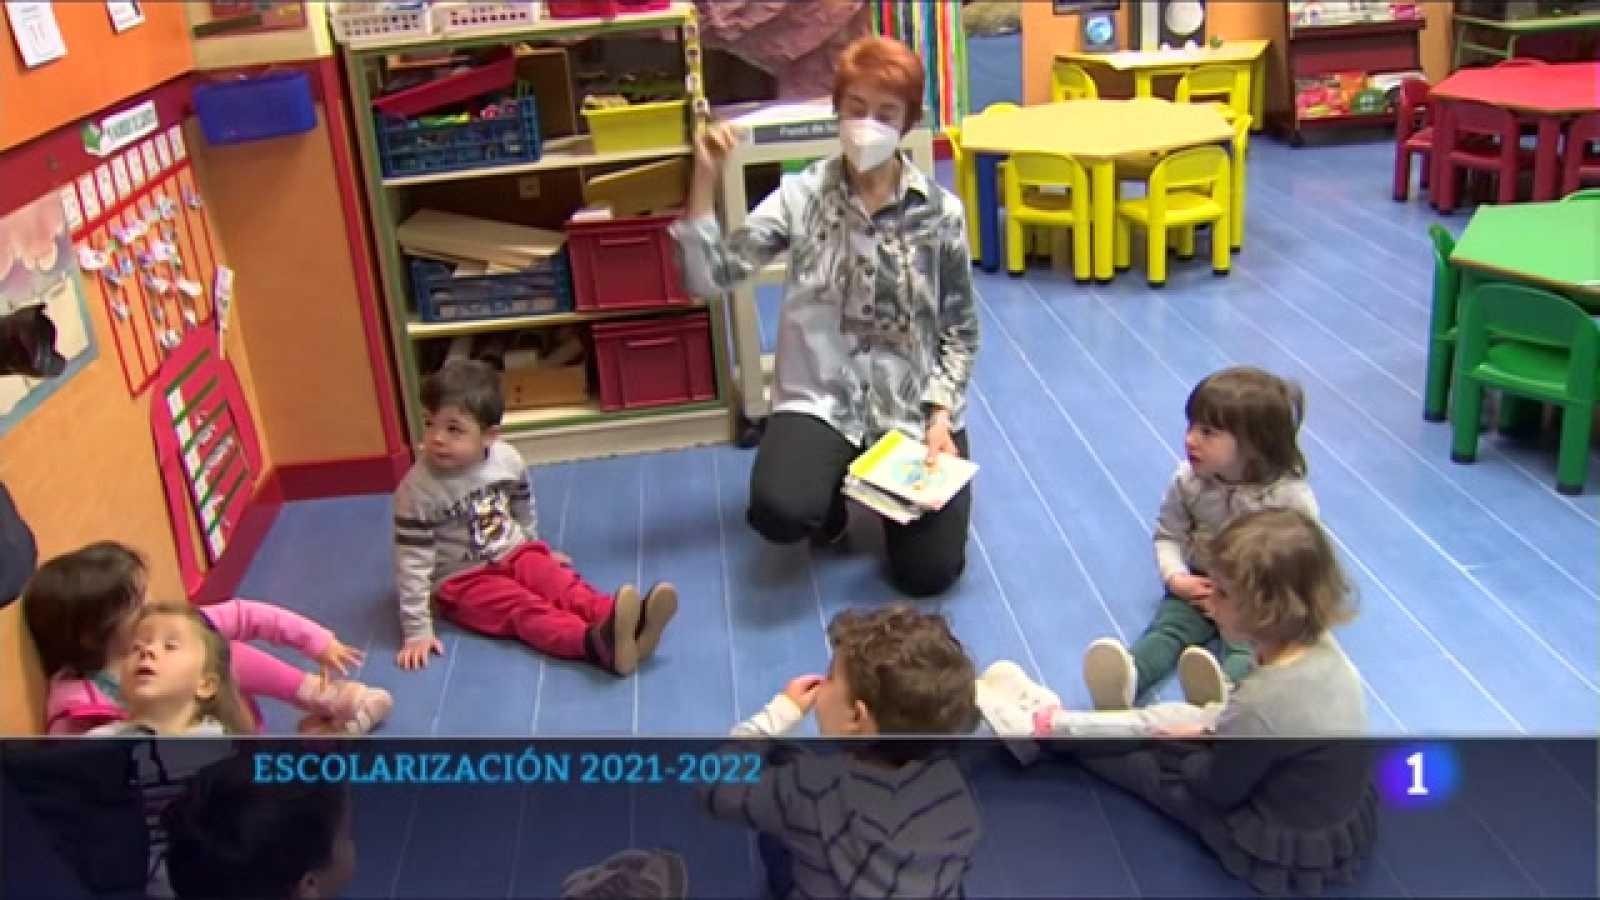 El plazo de escolarización en Aragón es telemático y acaba el 27 de abril